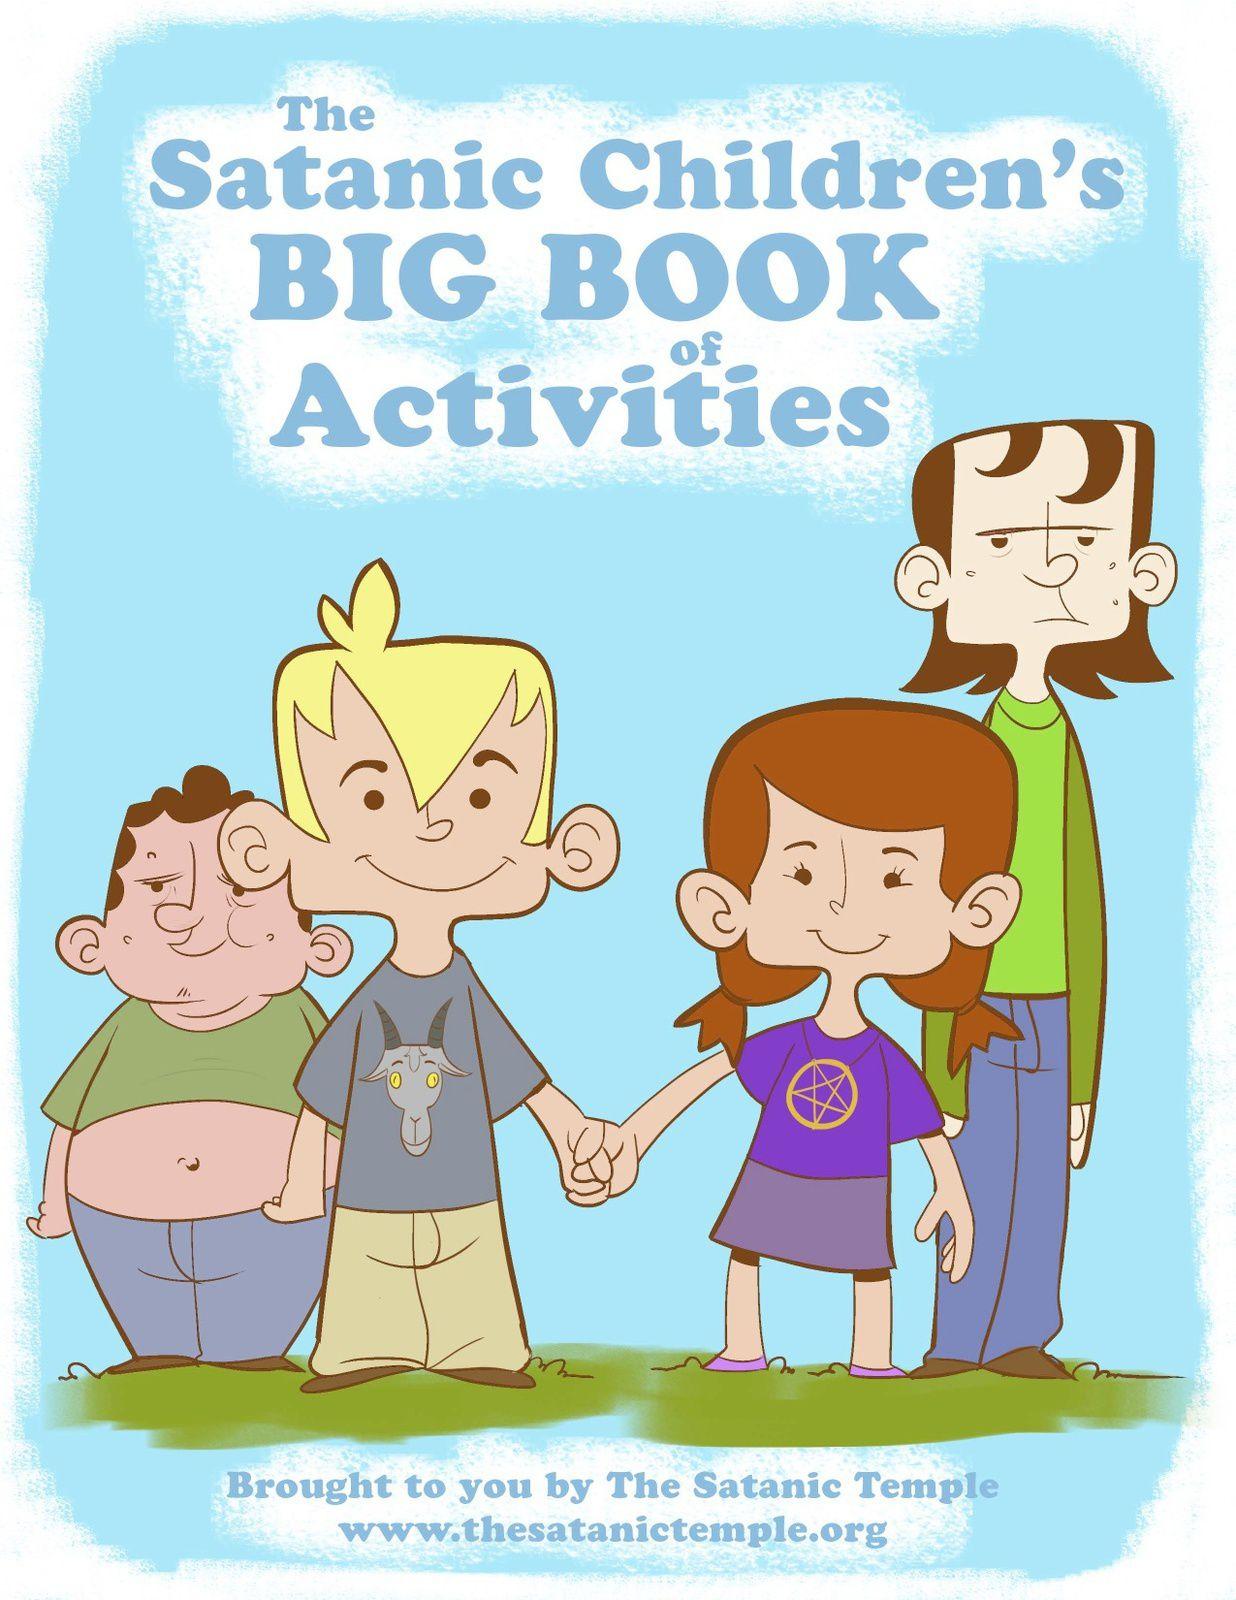 Le Grand Livre Satanique d'activités pour les enfants